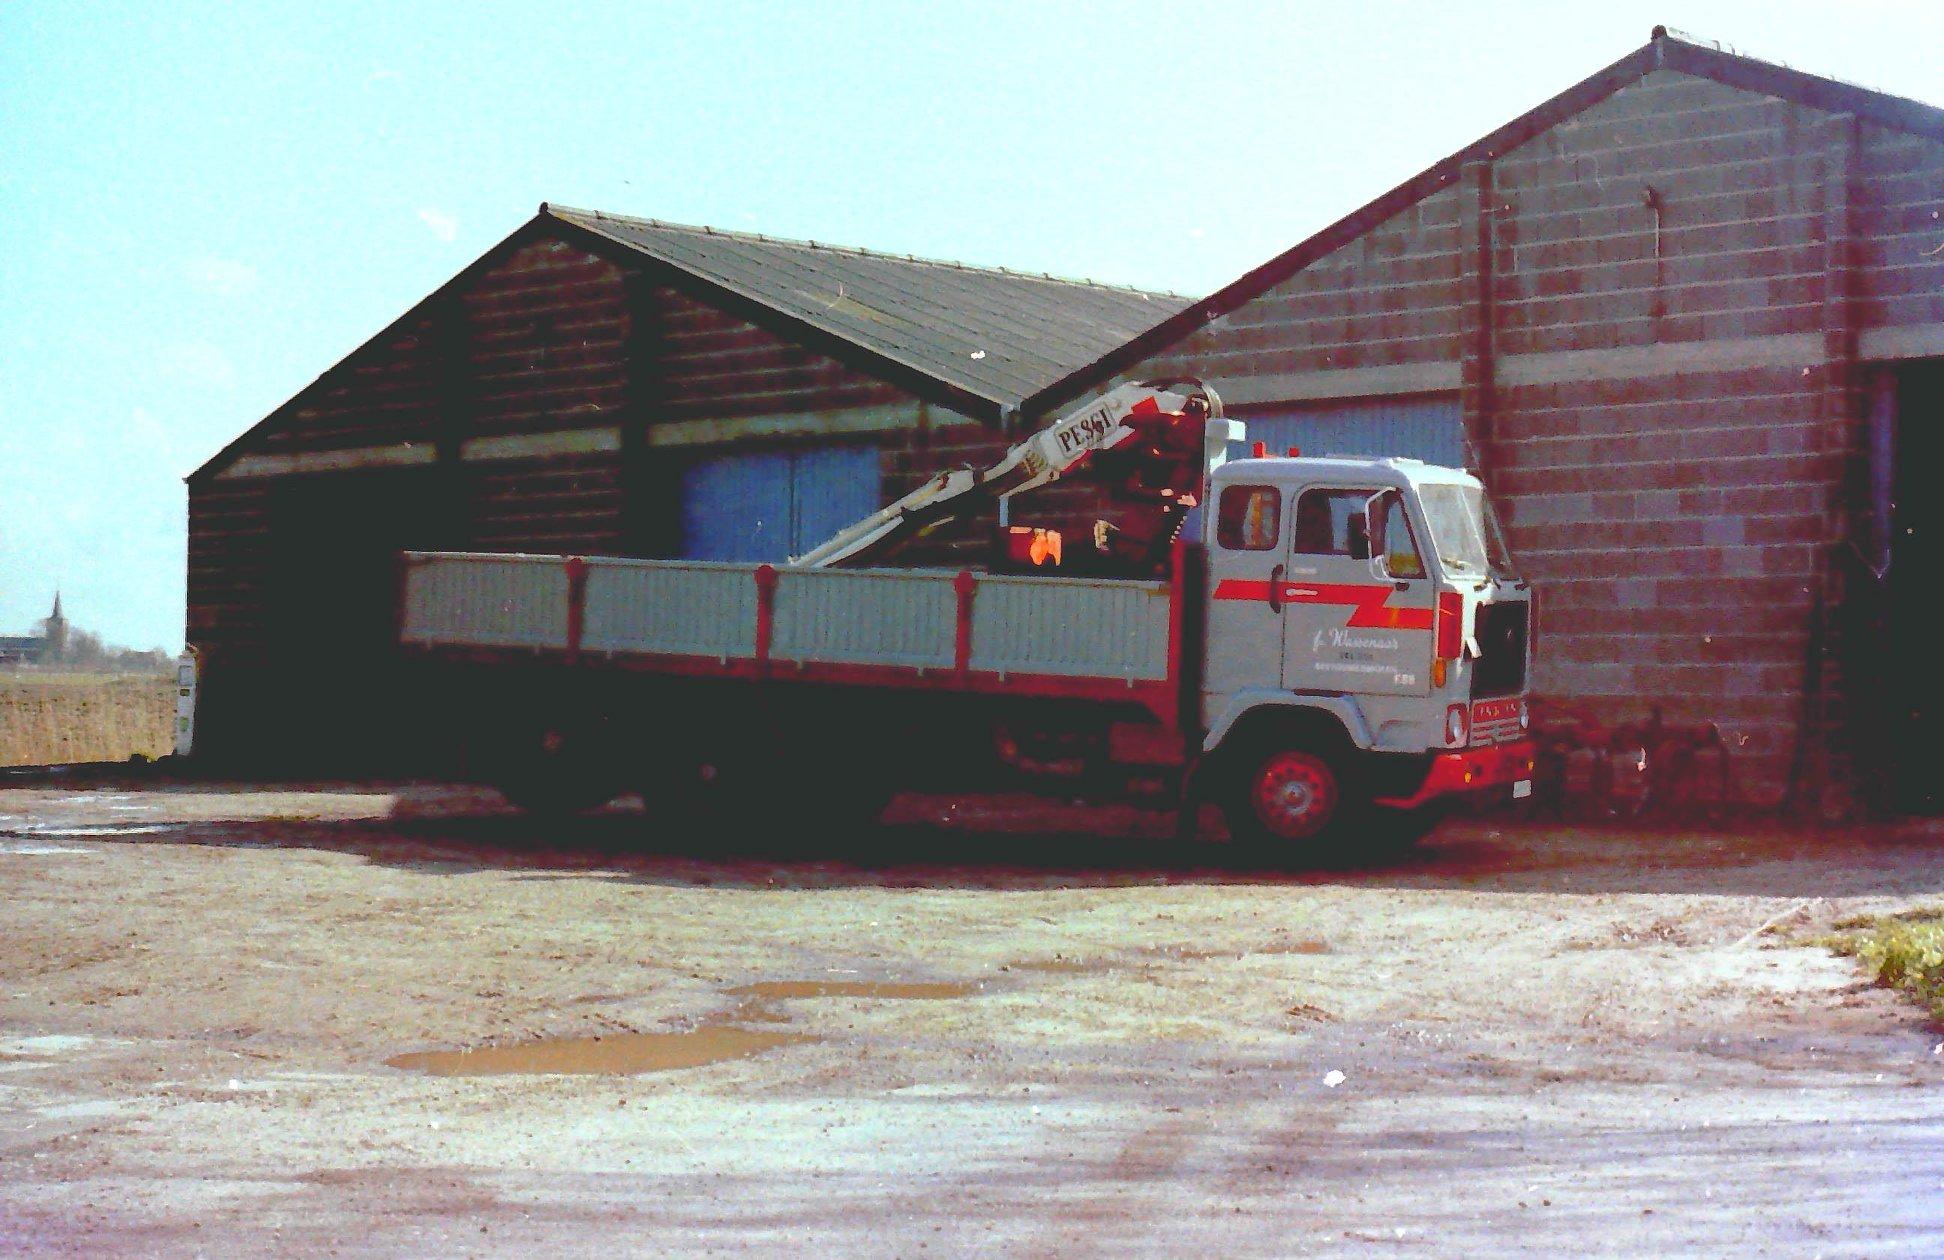 2-vrachtautos-van-Wassenaar-in-Beetgumermolen-gemaakt-voor-de-oude-loods-in-Beetgumermolen--fotos-door-mij-gemaakt-Lolle-3